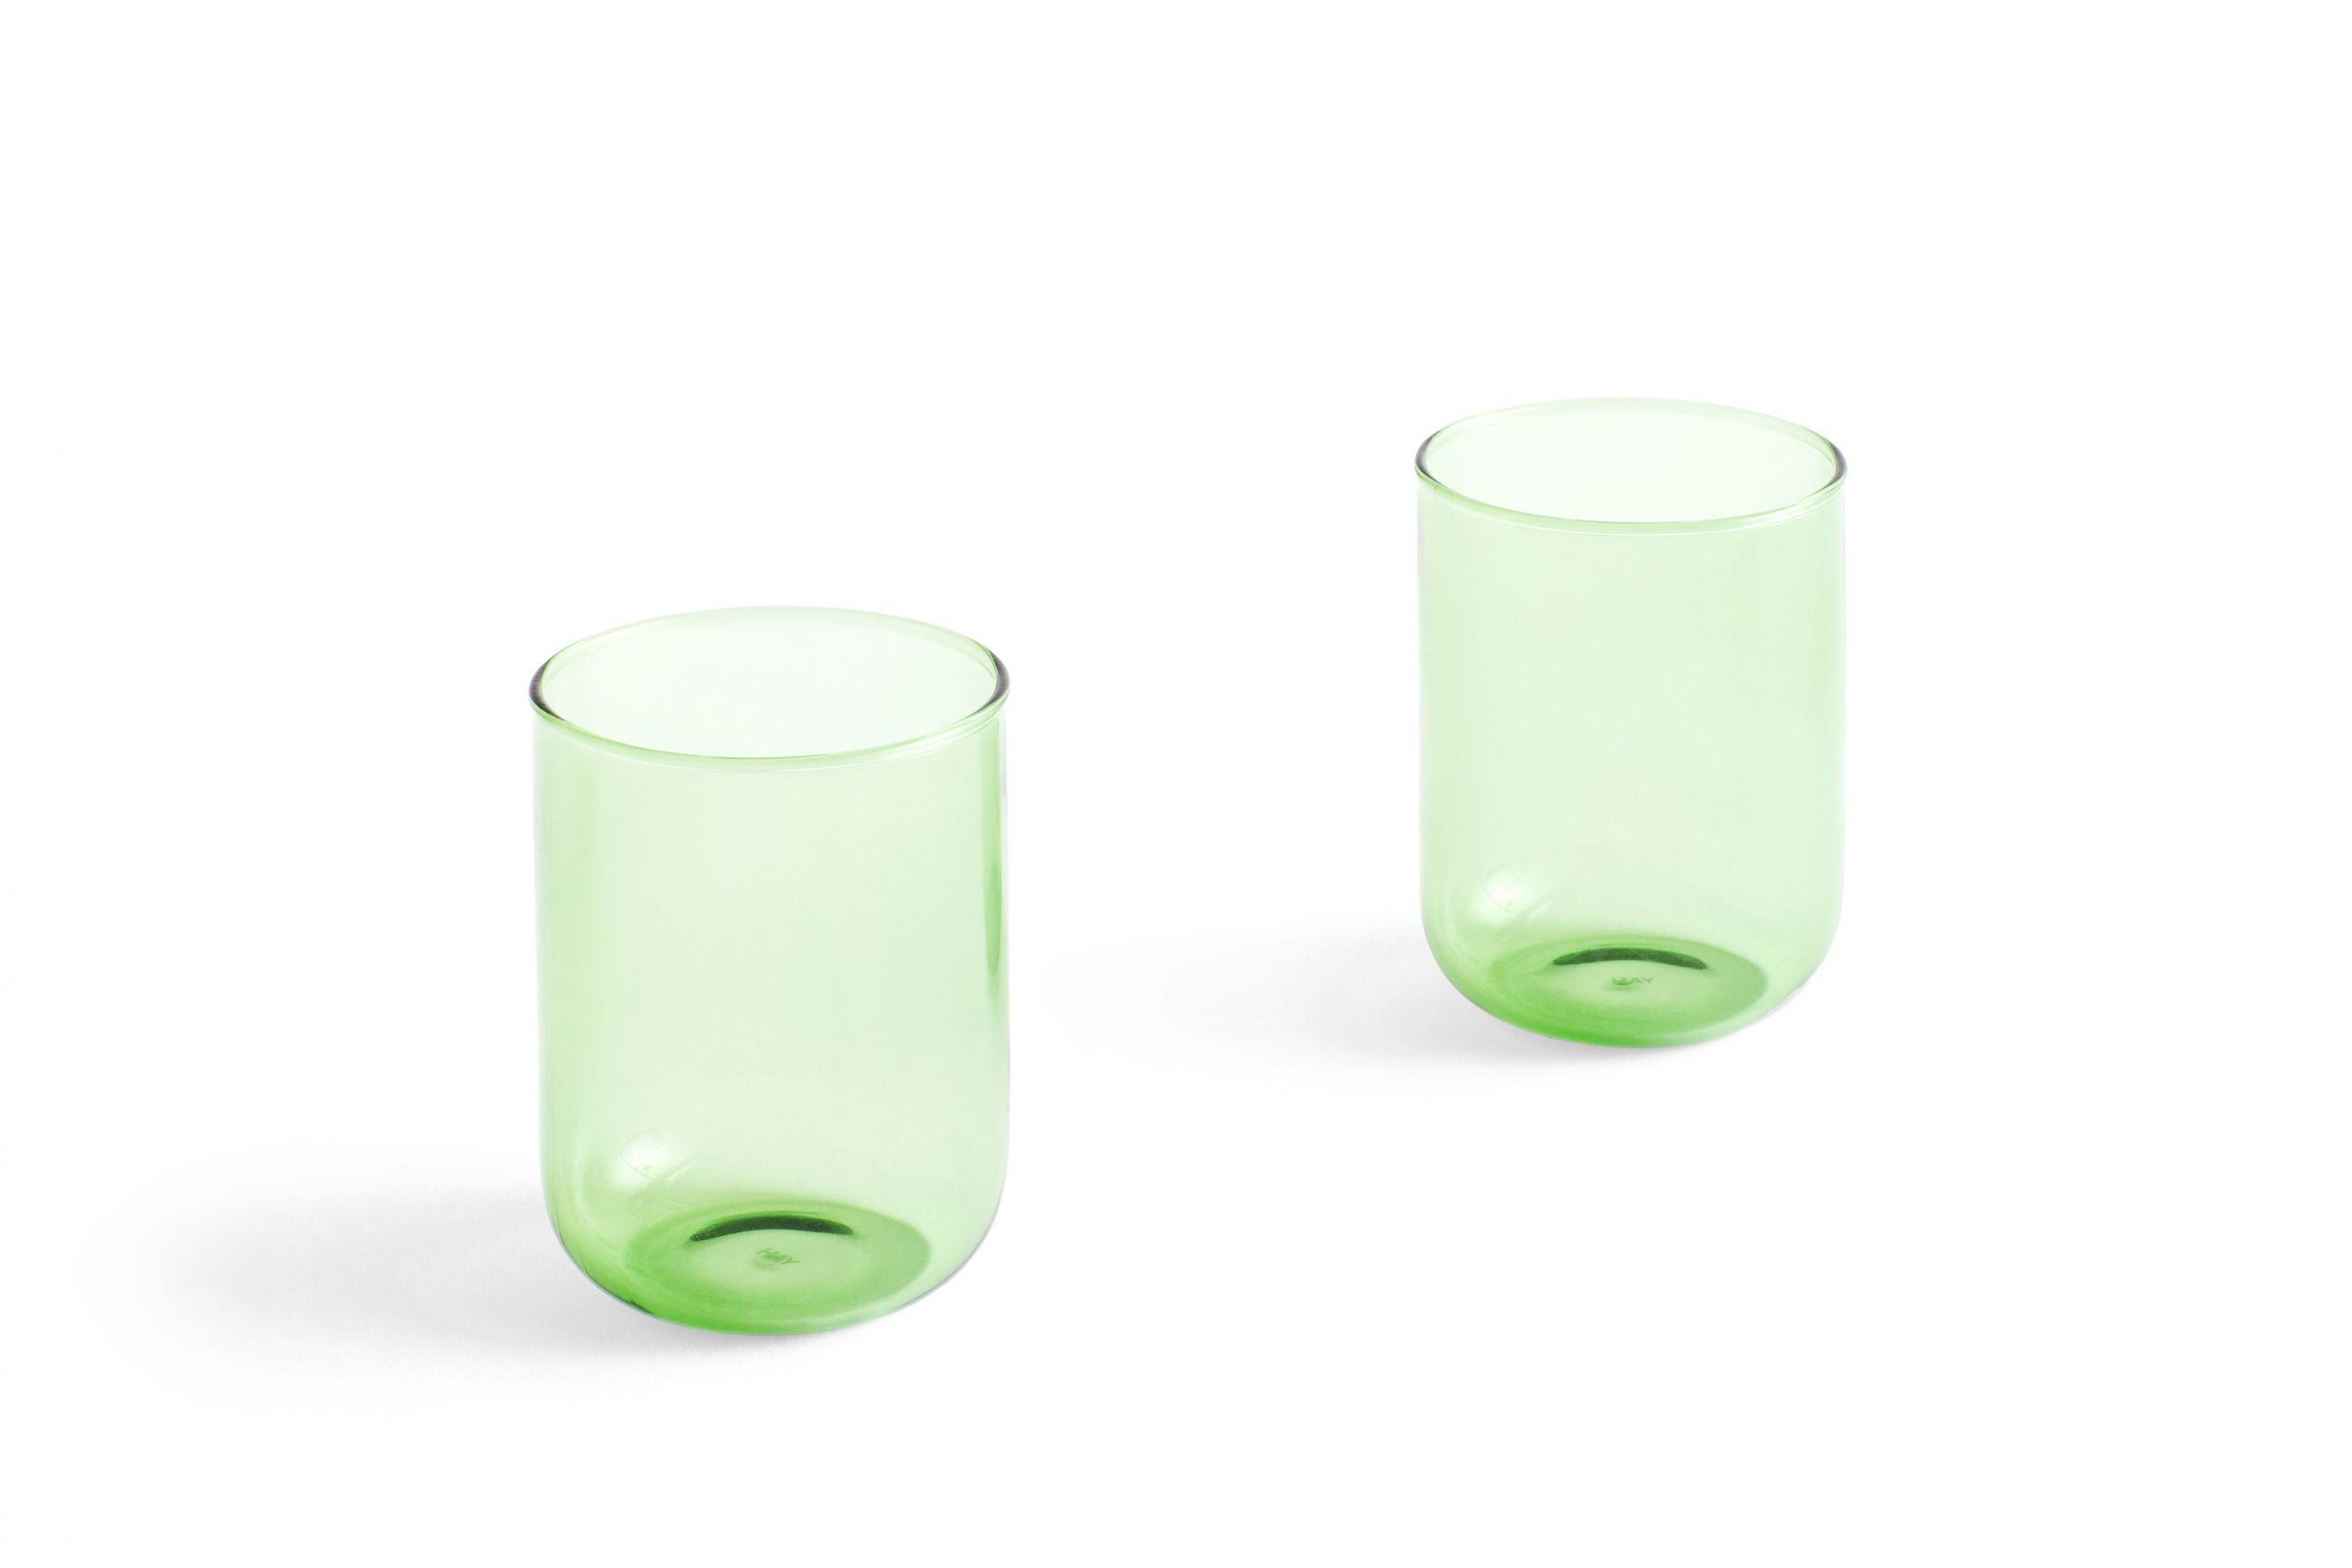 Tint Tumbler Green set of 2